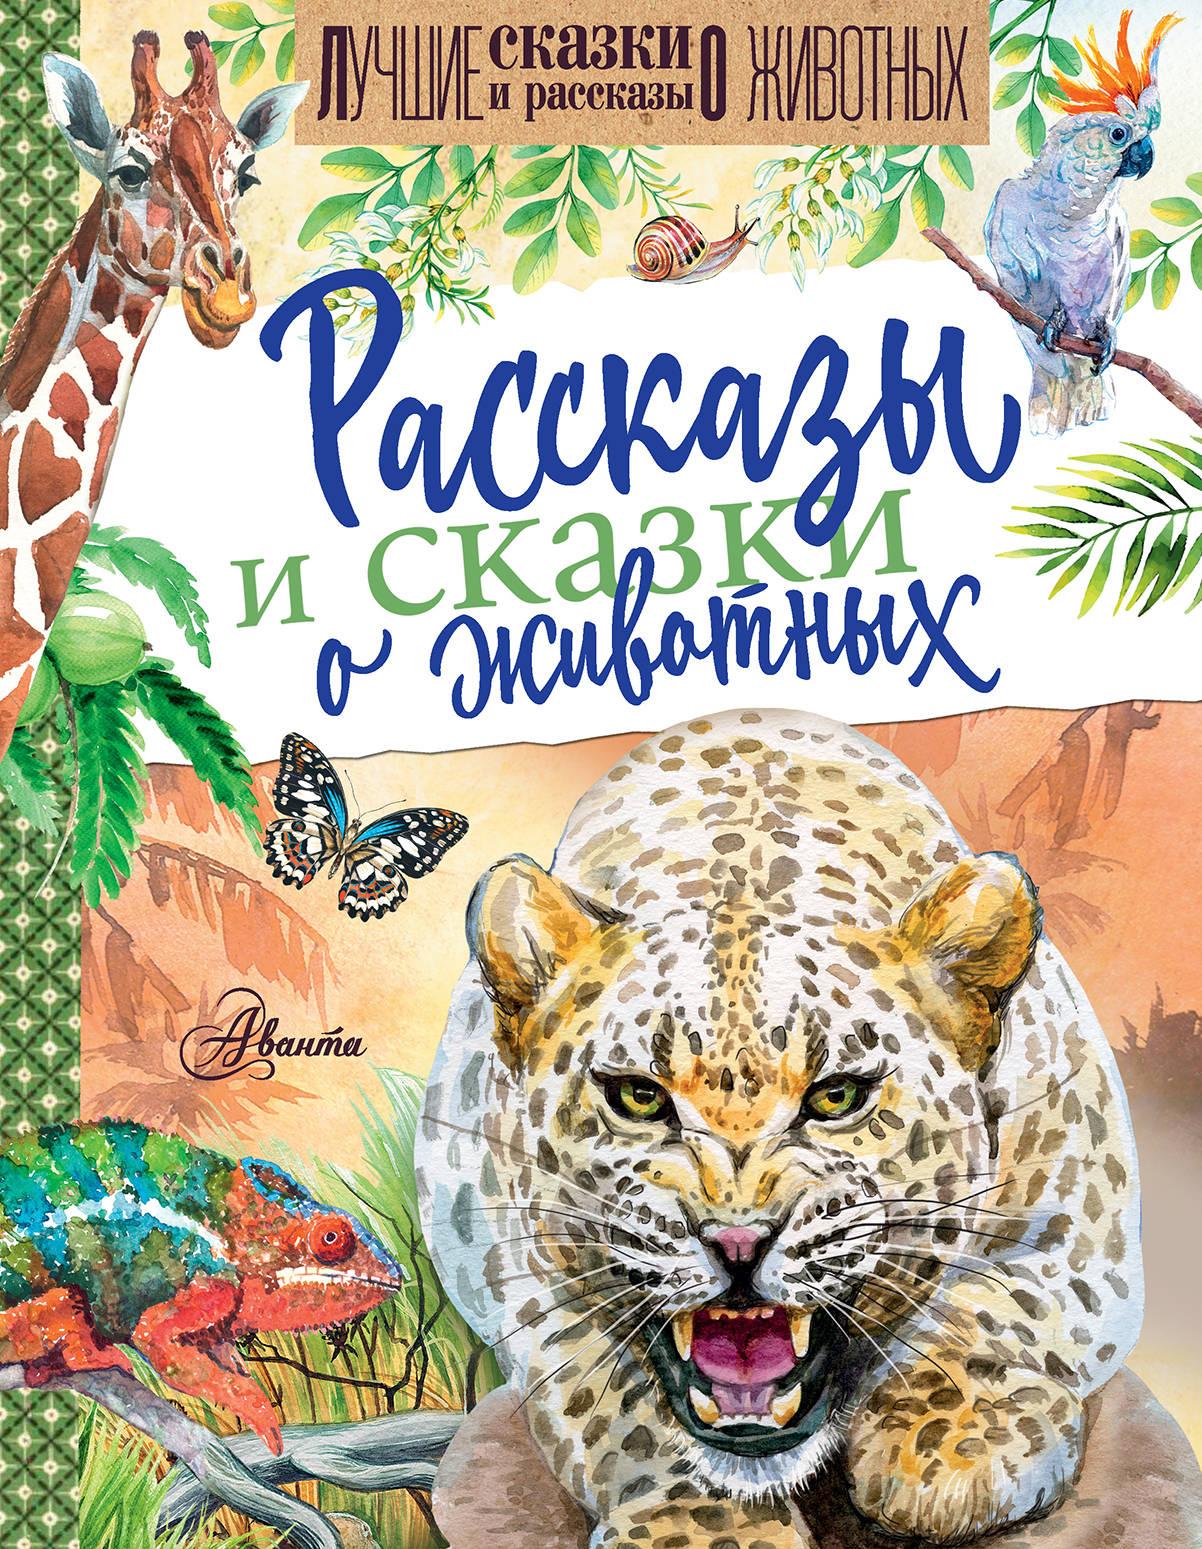 Н. И. Сладков, С. В. Сахарнов, Б. С. Житков Рассказы и сказки о животных